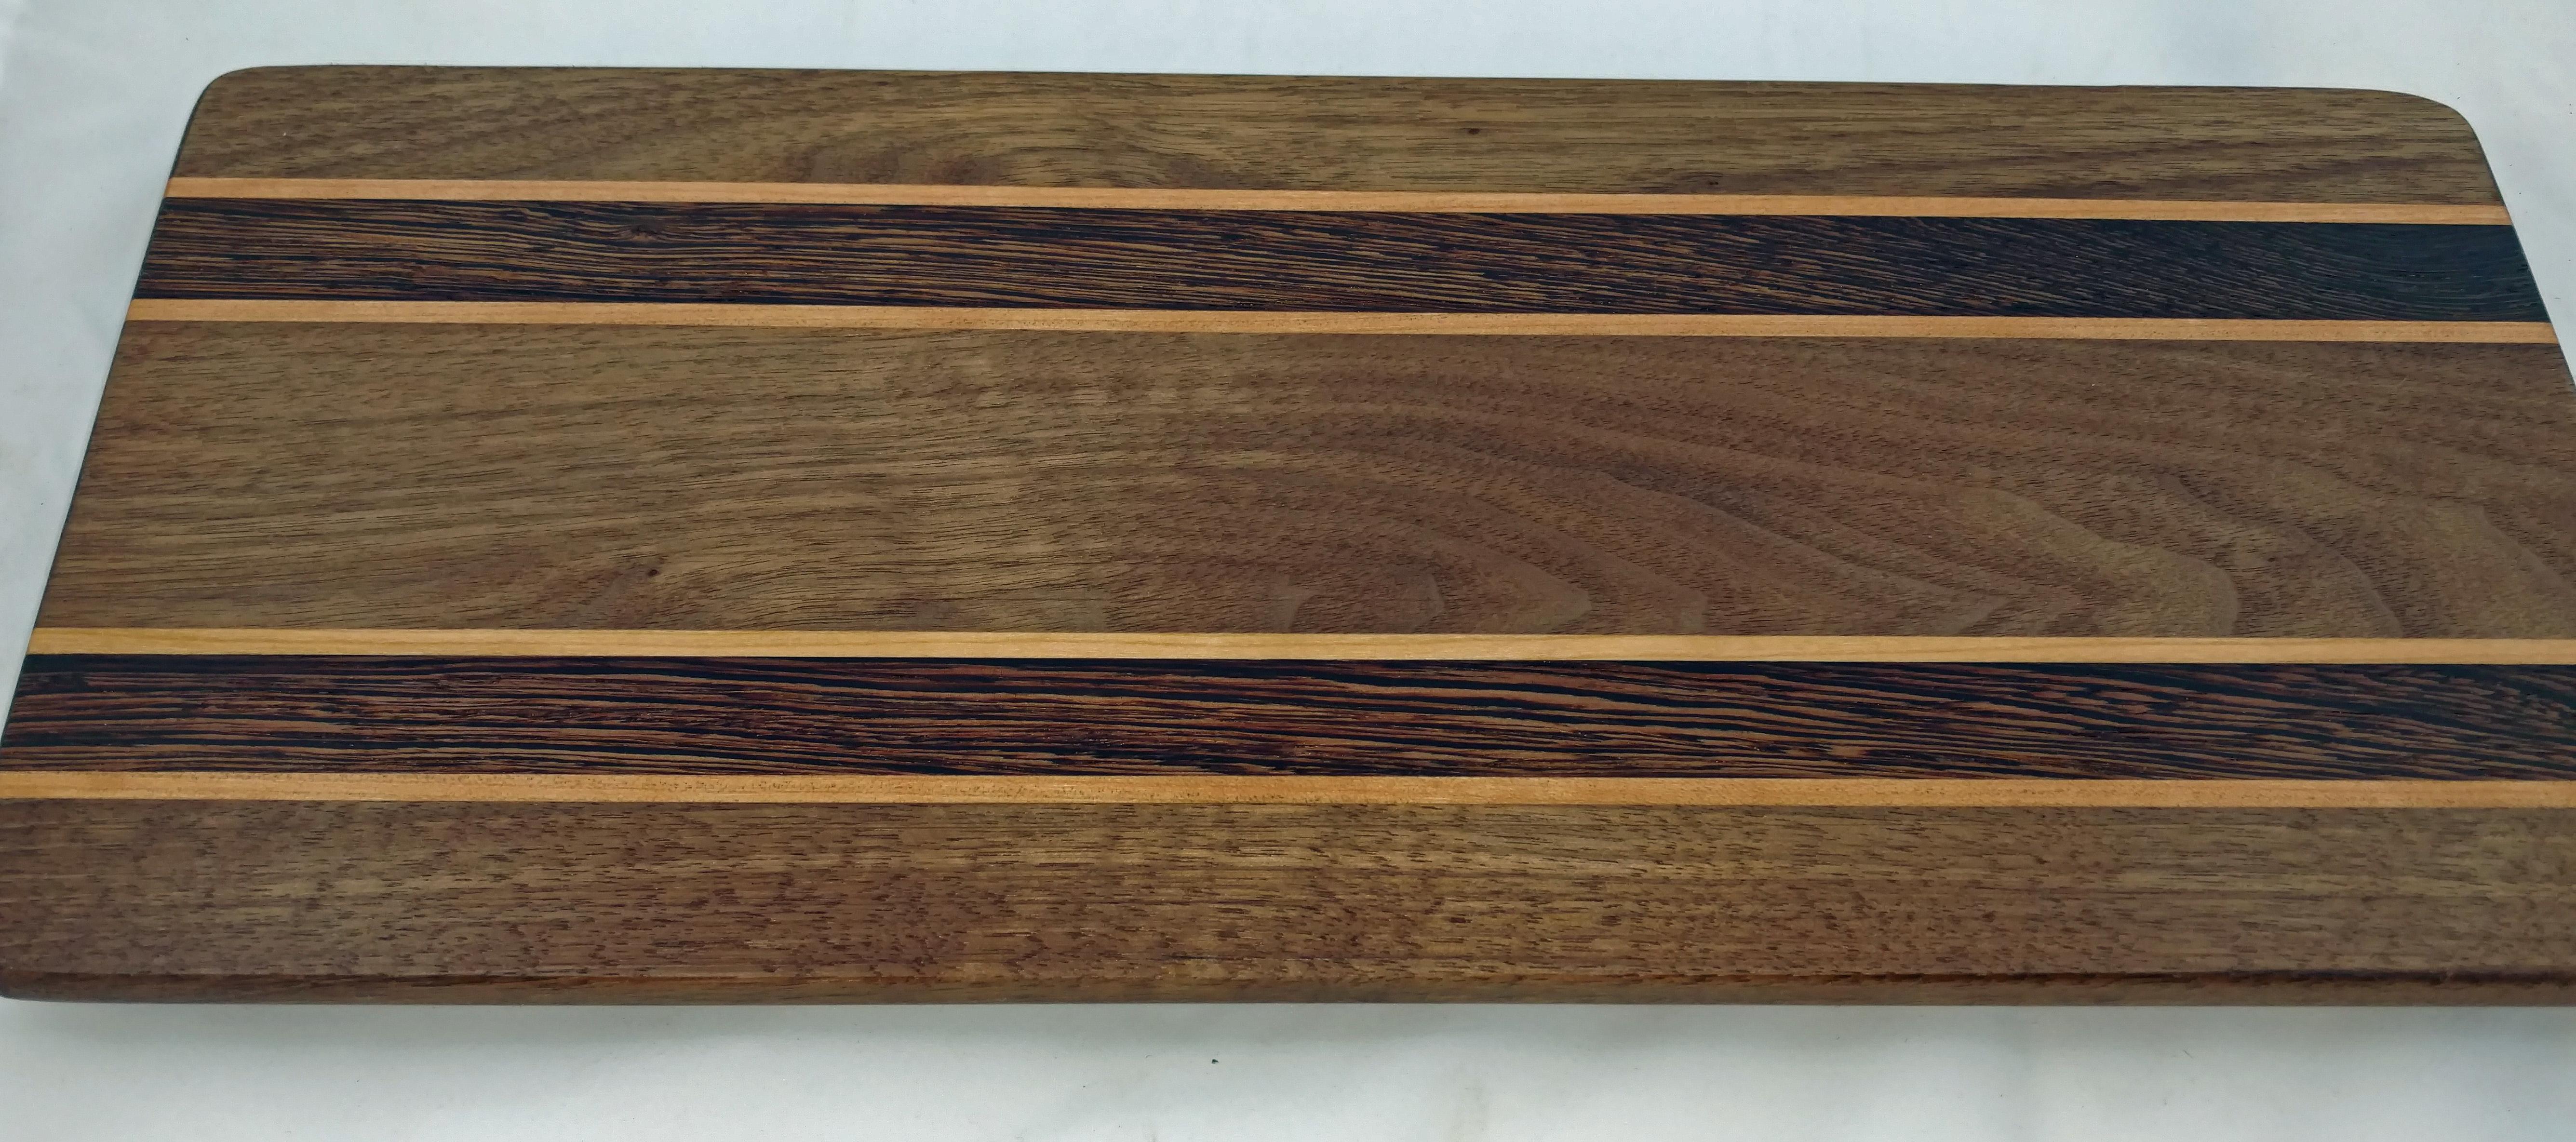 Board No. 414